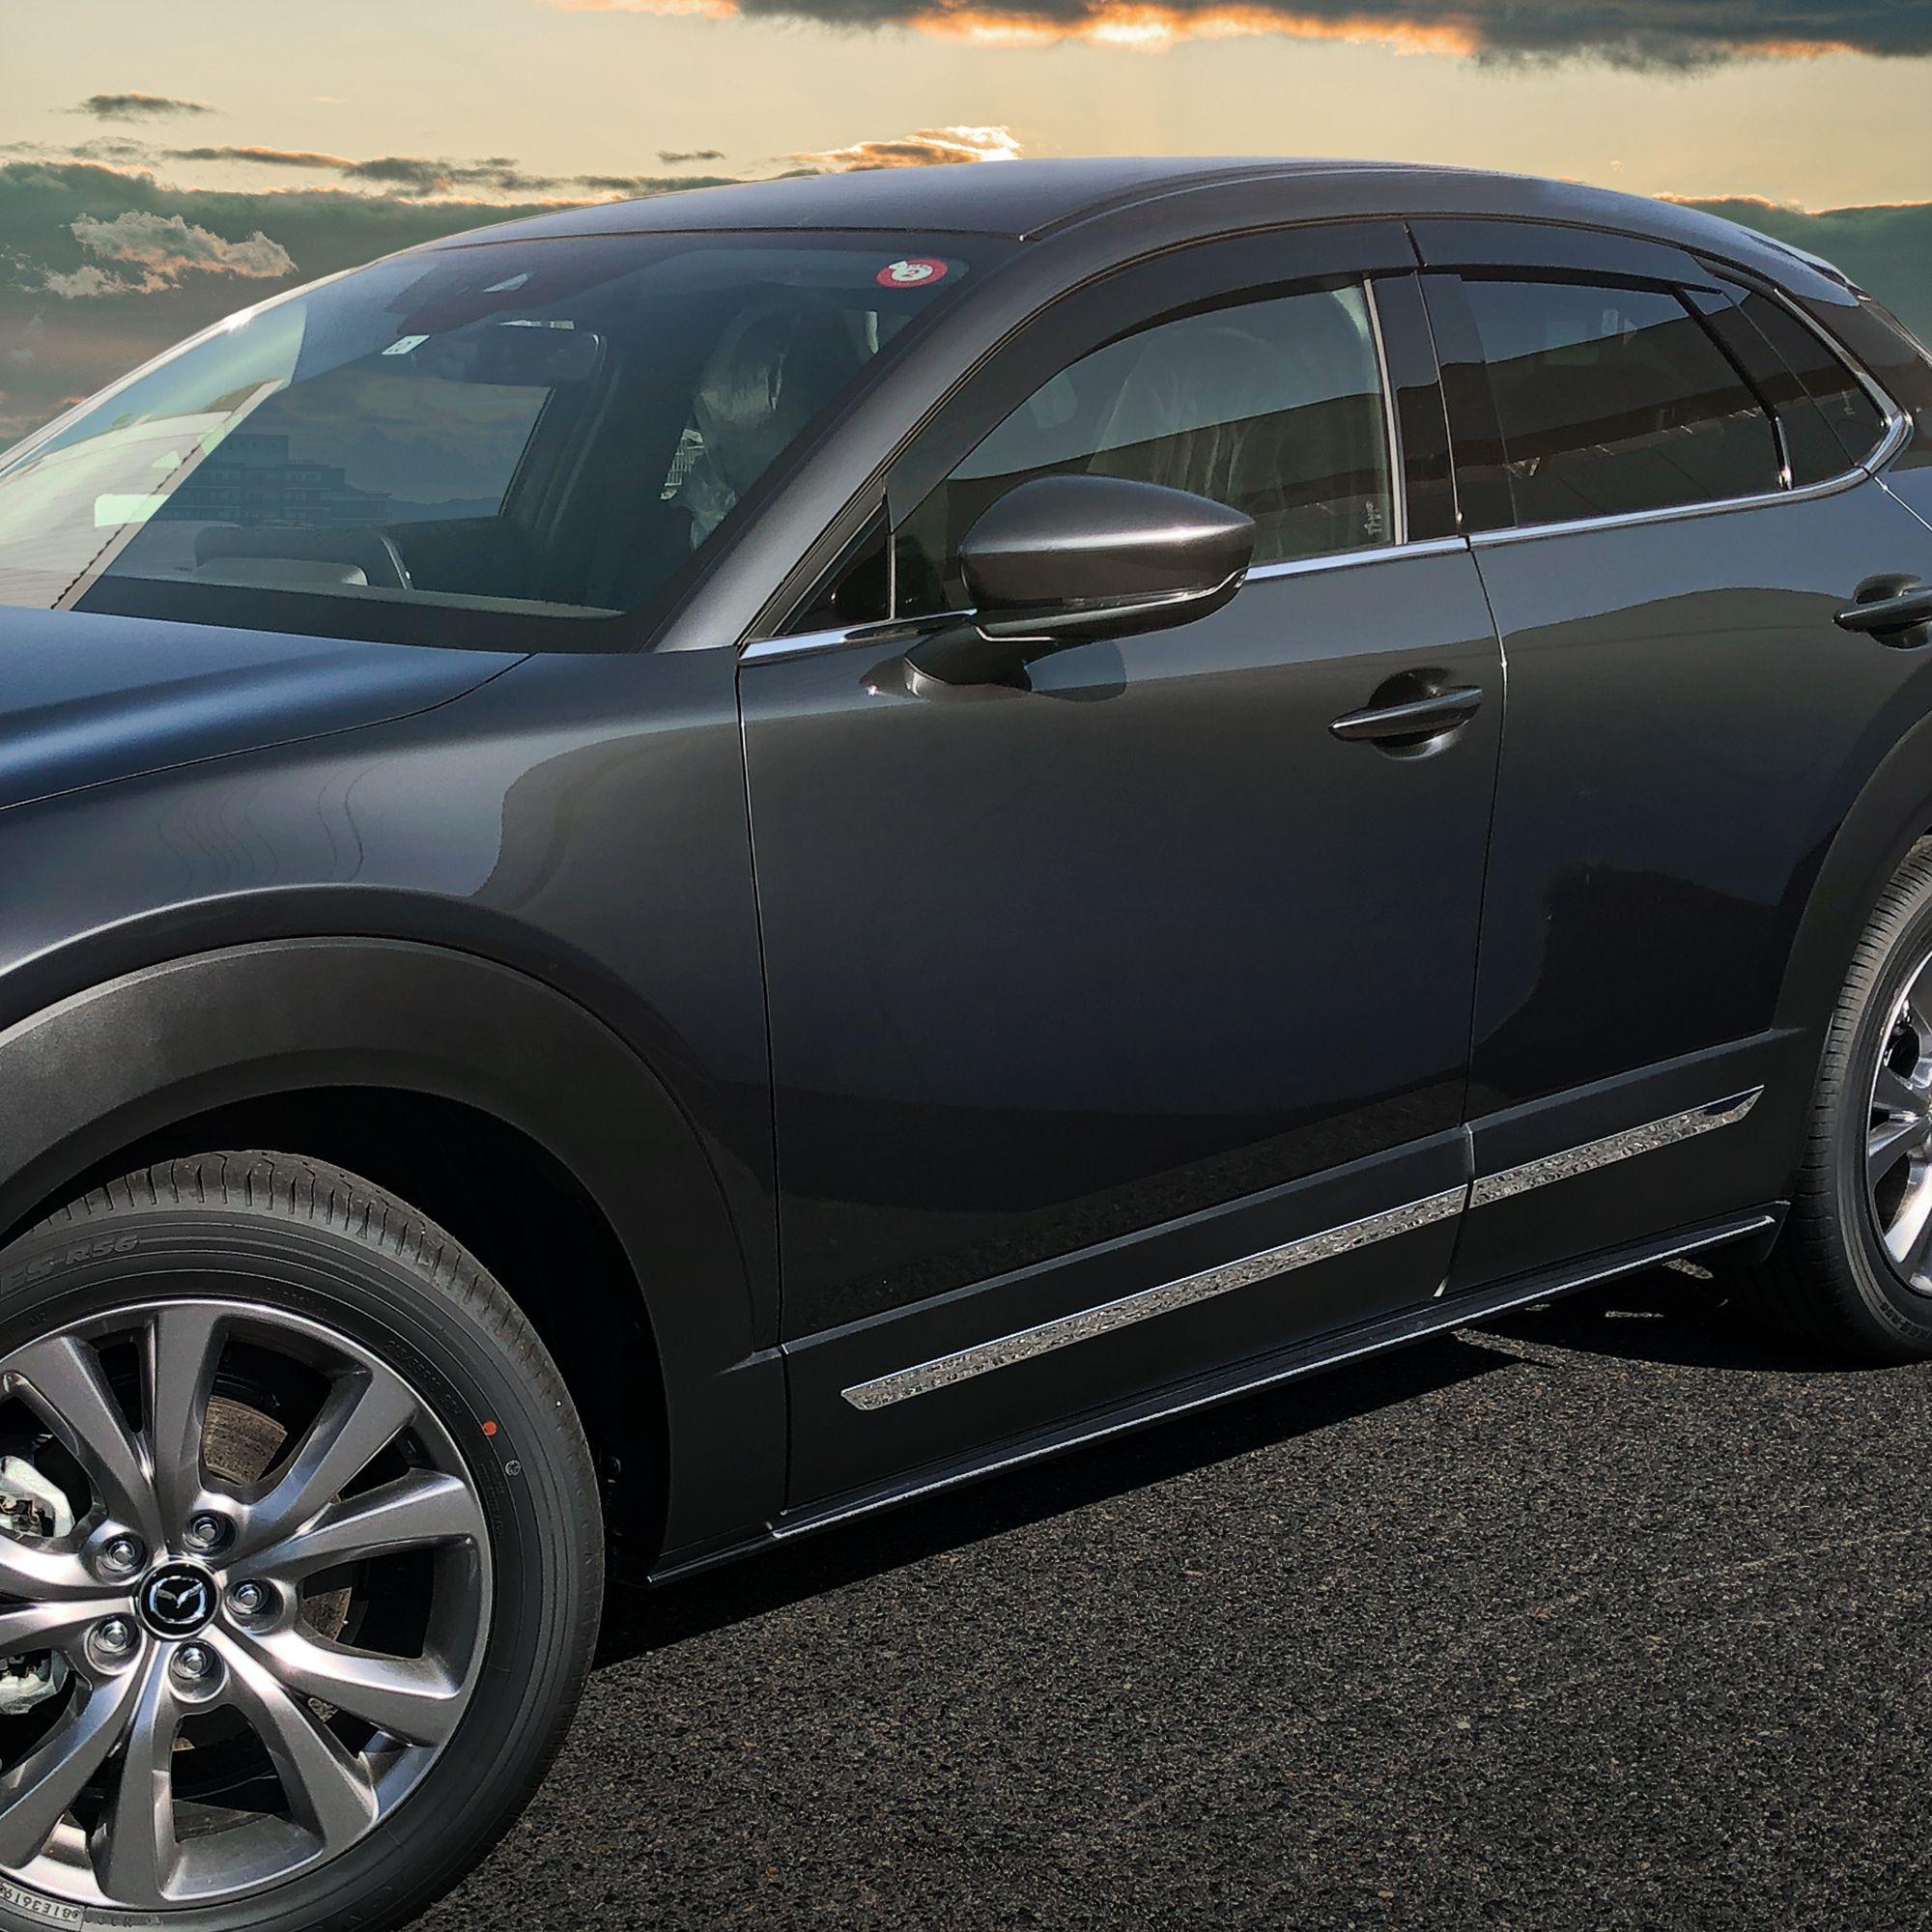 マツダ Cx 30 サイドリップ サイドガーニッシュ 鏡面仕上げ 外装パーツ 2点セット Mazda Cx30 Dm8p Dmep カスタム ドレスアップ マツダ エアロ 鏡面仕上げ